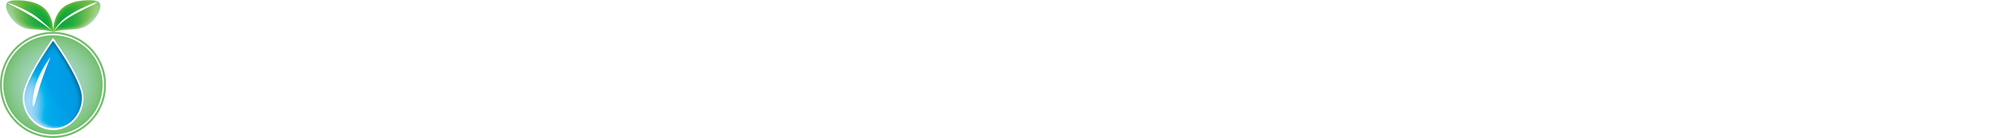 水素サロン八王子 まるやま治療院|東京都八王子市大和田町1丁目17−9